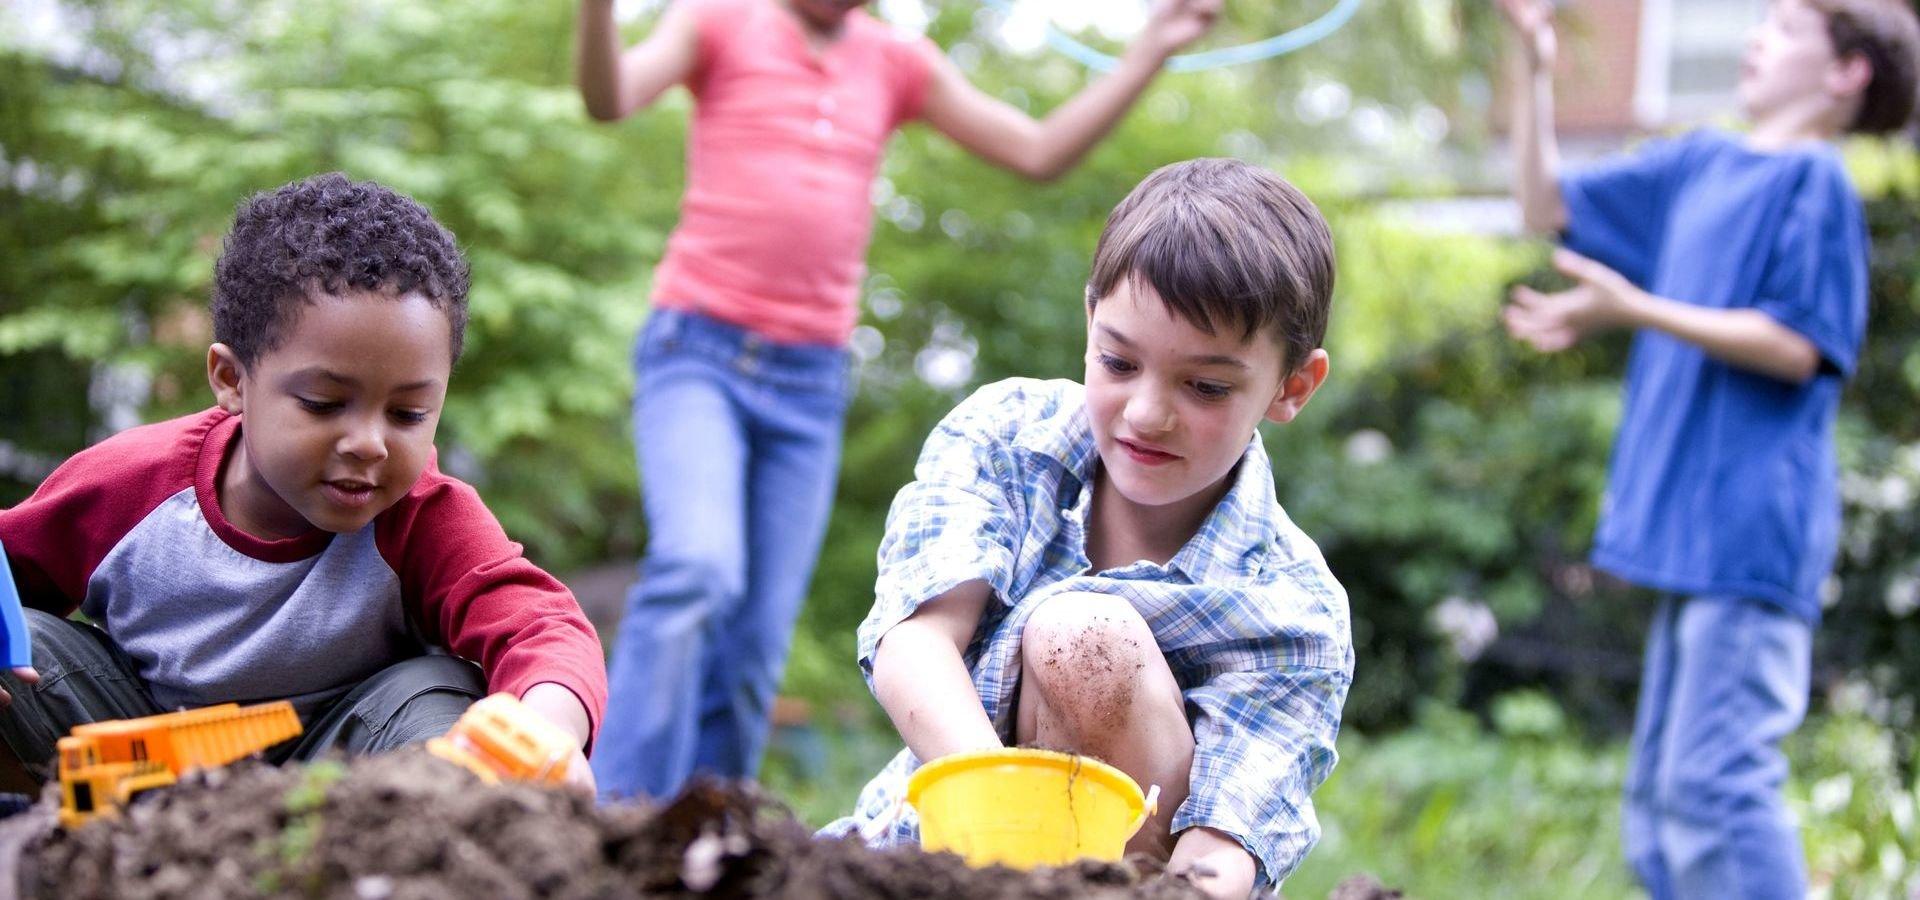 Jak mądrze pomagać, czyli odpowiedzialna dobroczynność